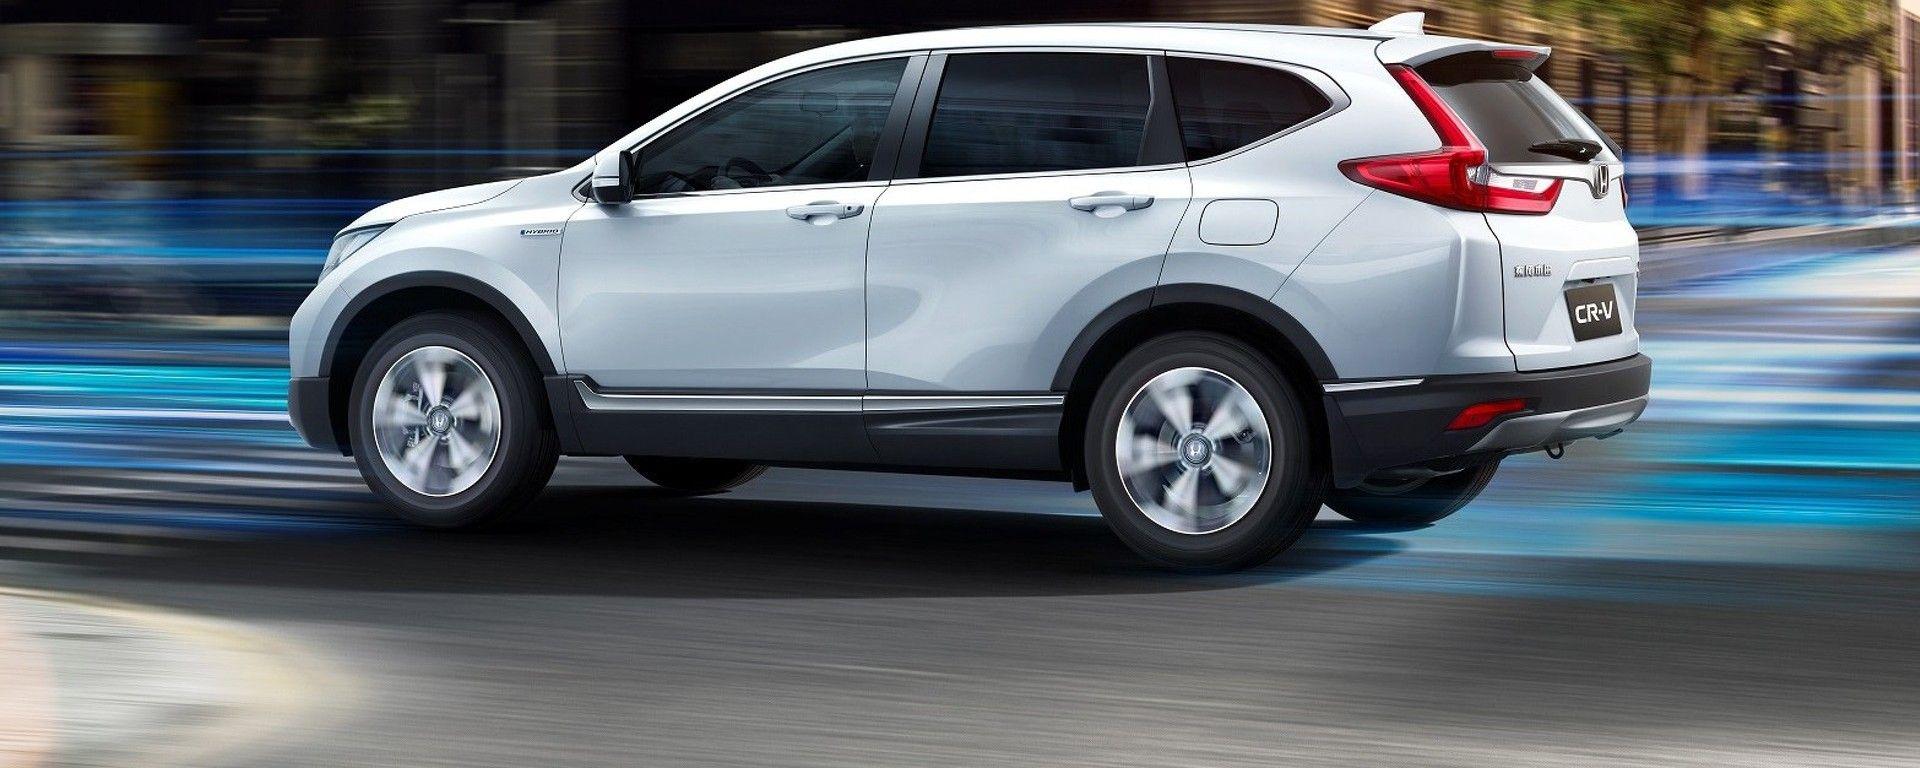 Honda CR-V ibrida: per il momento solo in Cina